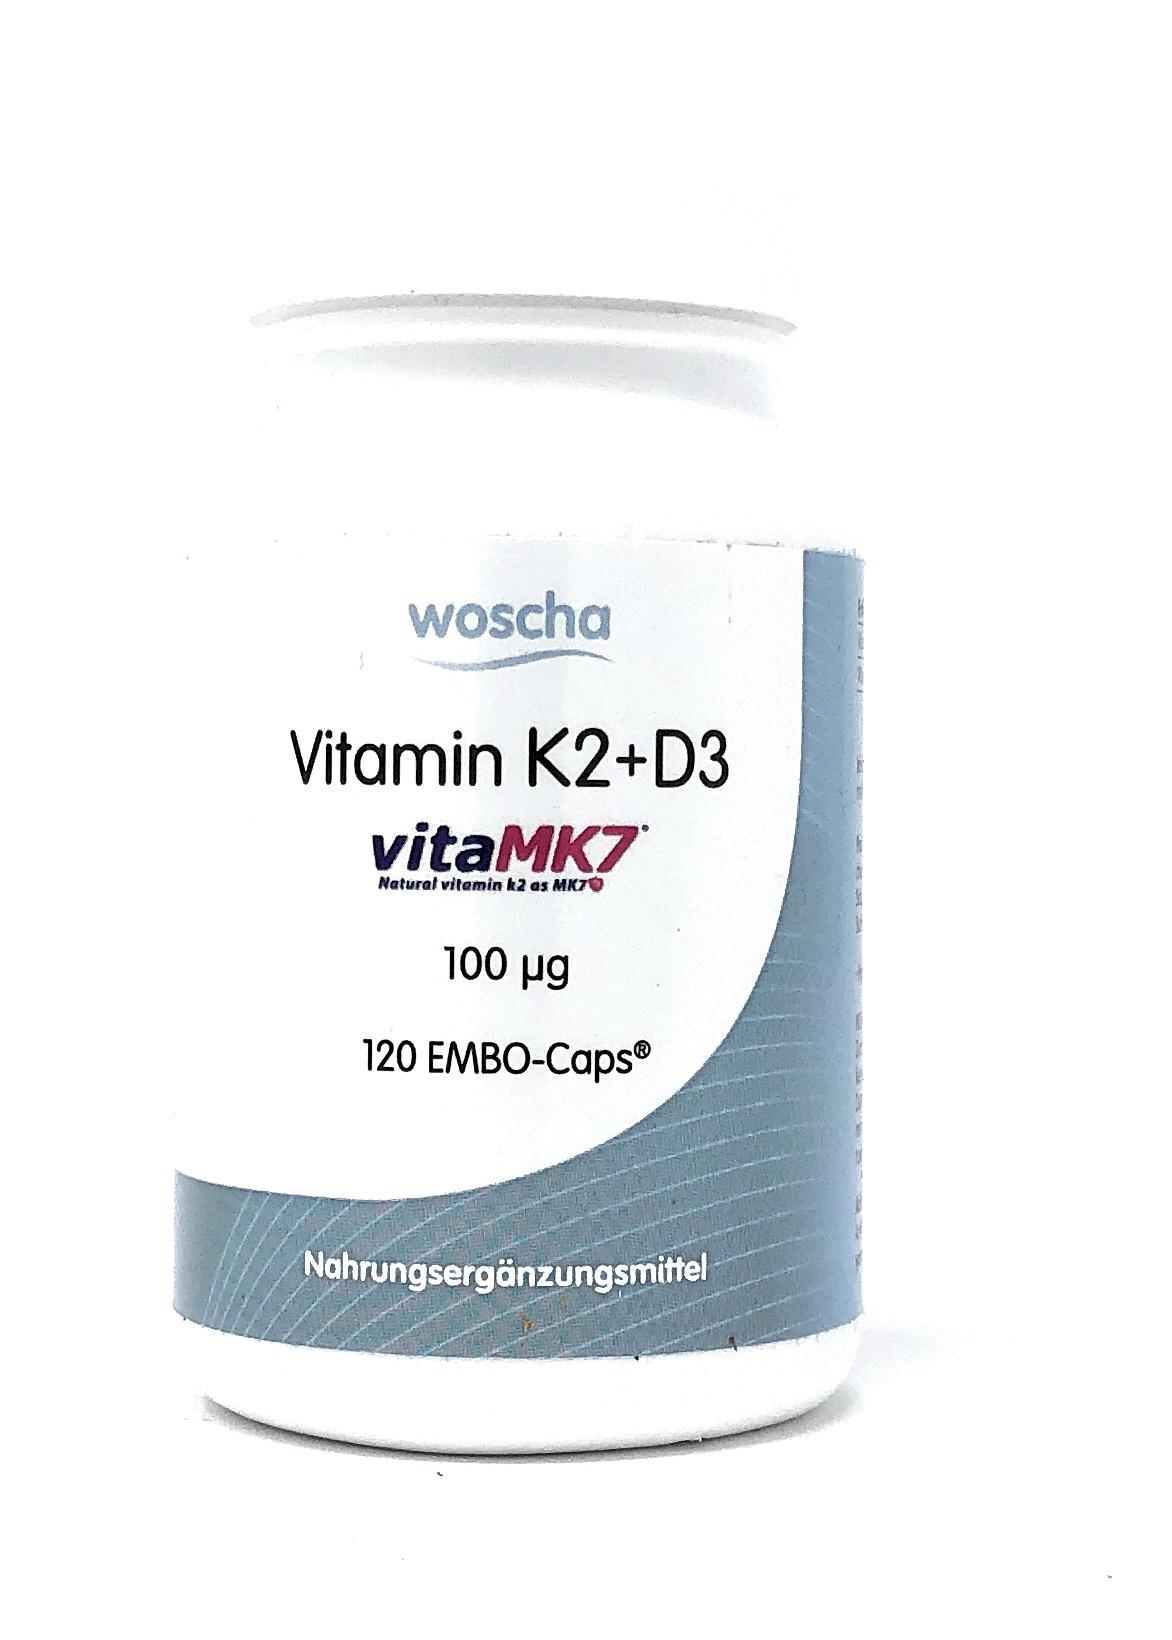 woscha Vitamin K2+D3 vitaMK7 100mcg 120 EMBO-CAPS® (72g)